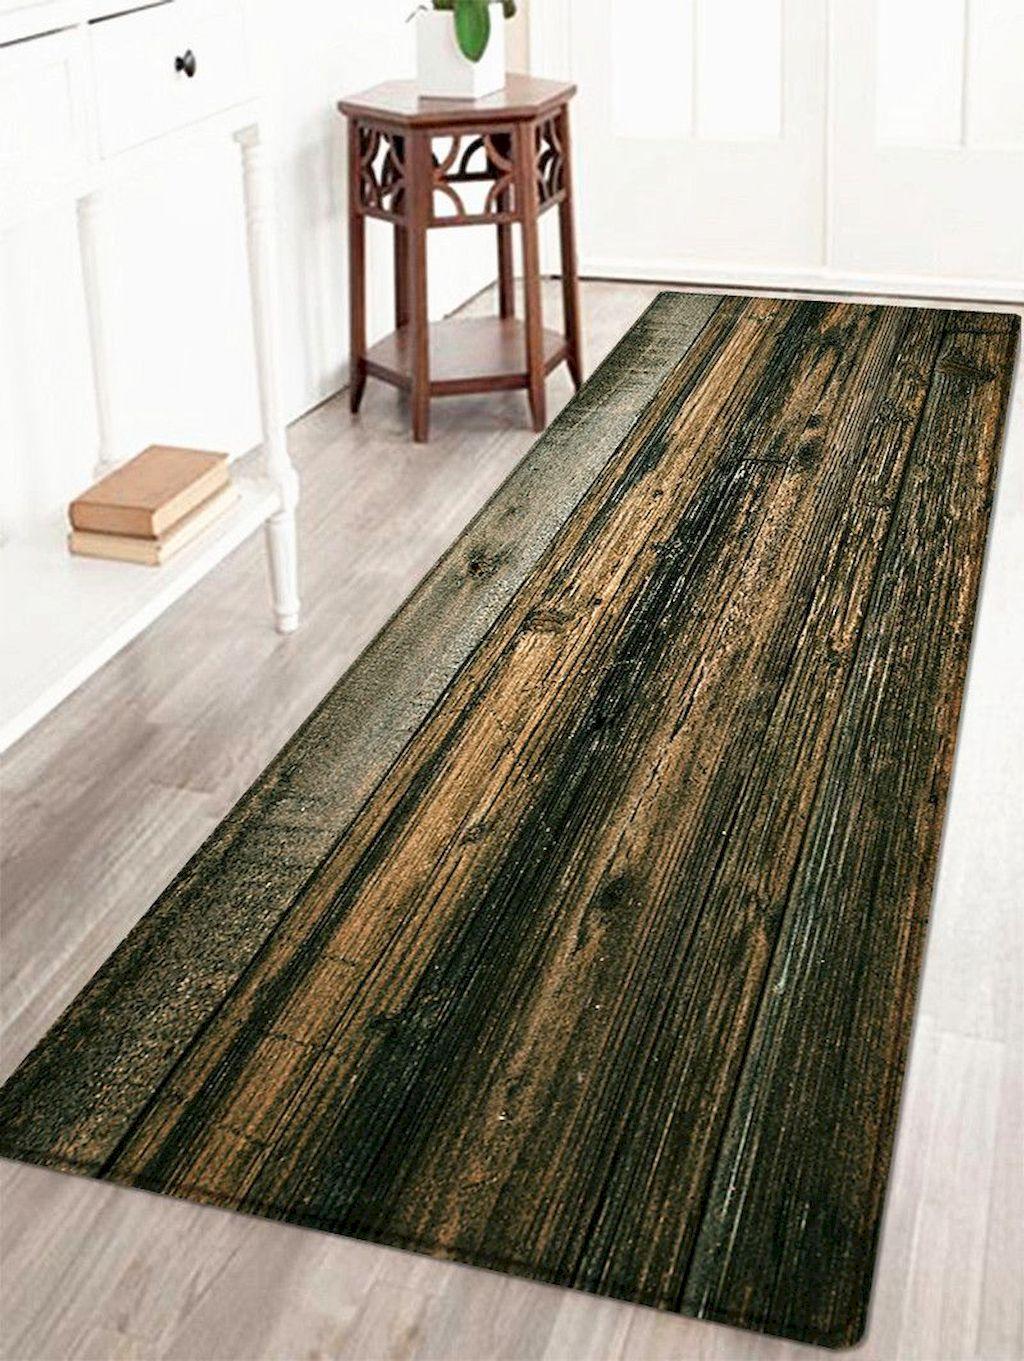 Wooden Flooring217